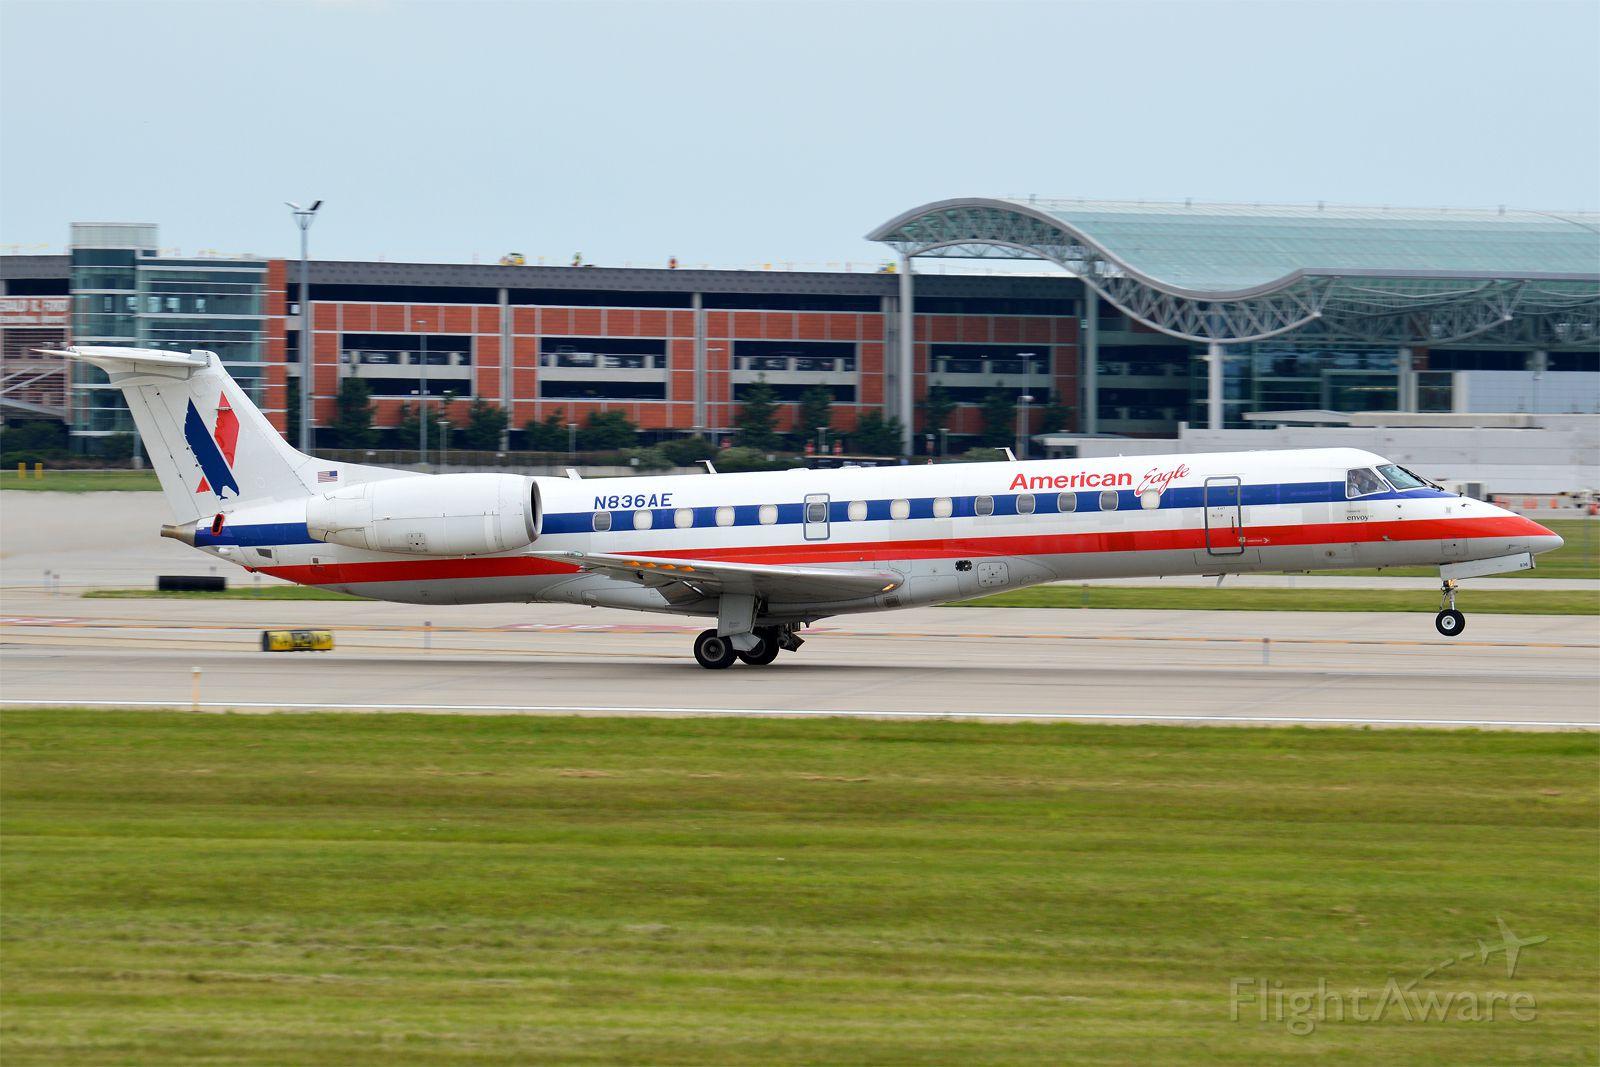 Embraer ERJ-135 (N836AE)